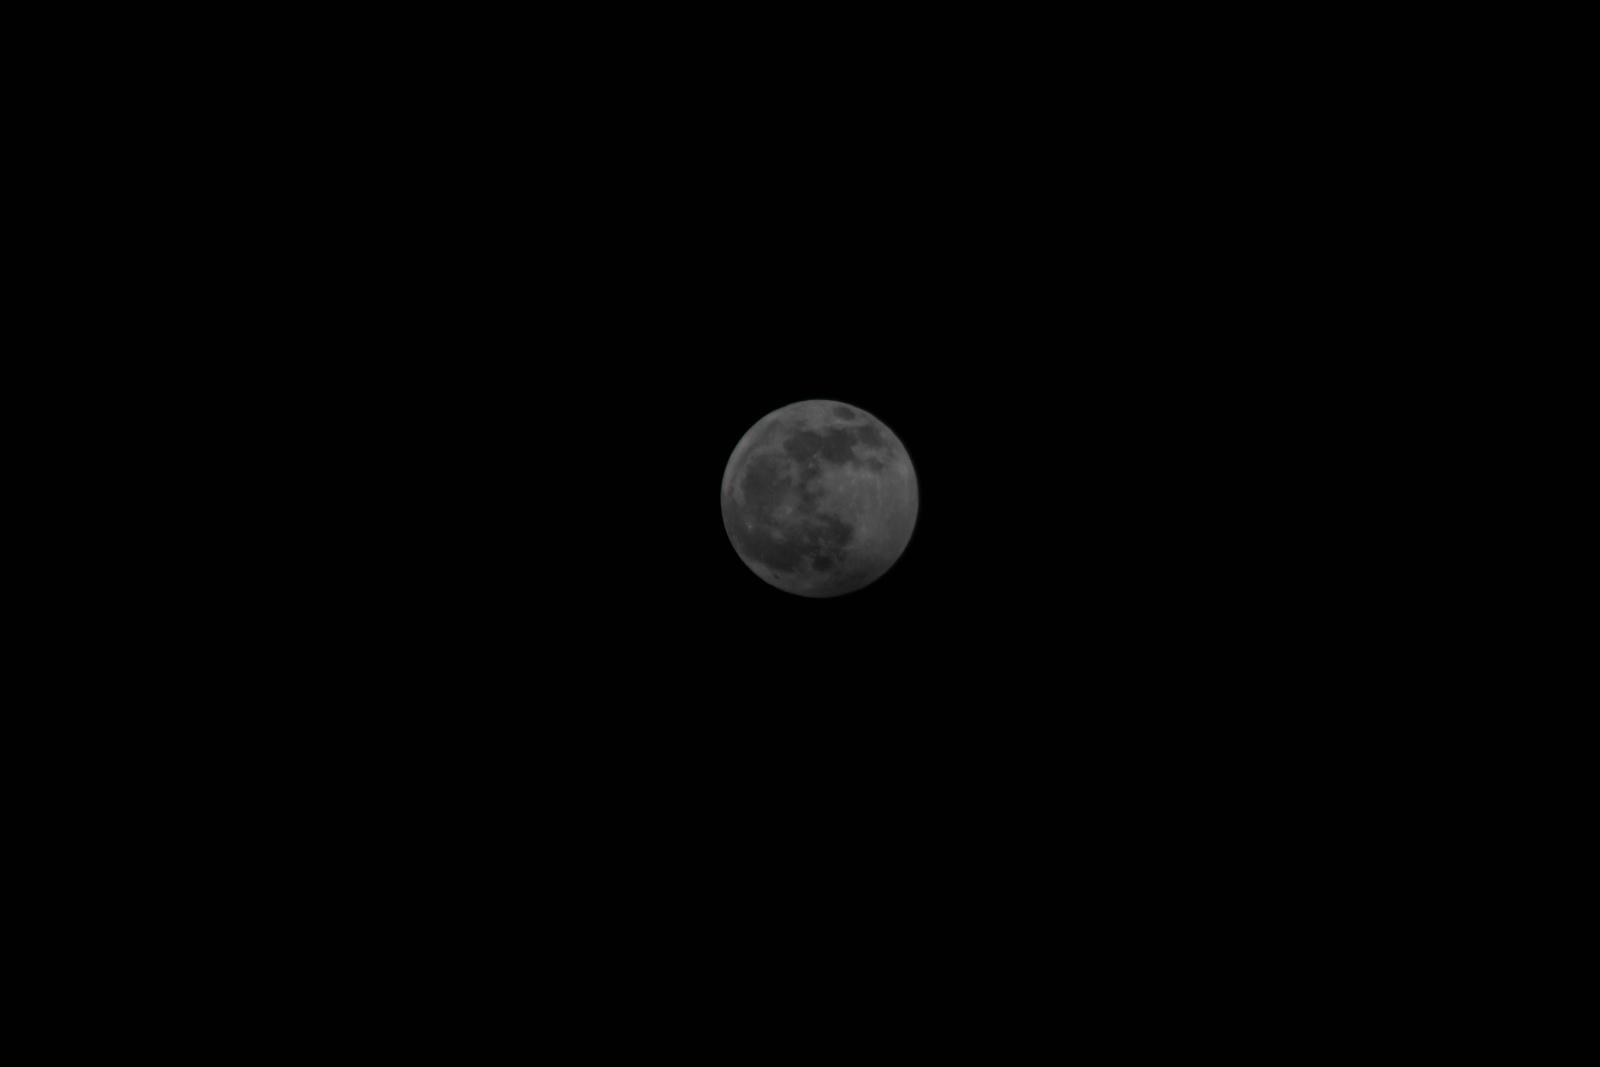 Półcieniowe zaćmienie Księżyca 10.01.2020 (3 z 1).jpg